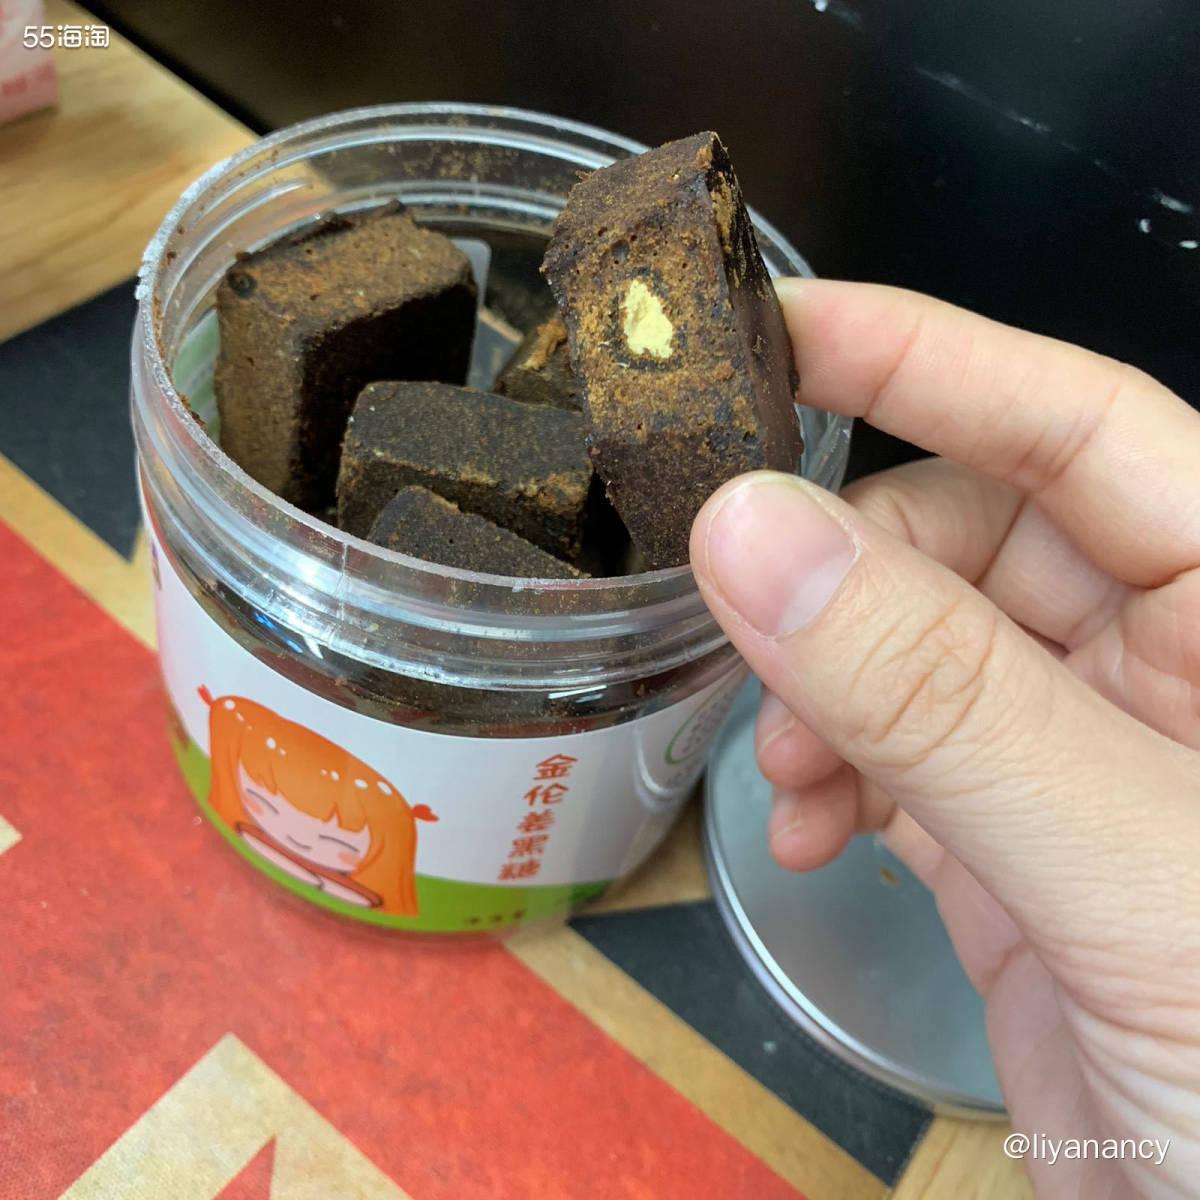 保暖神器推荐 姜红糖姜黑糖  ✨这个是跟着肖战粉丝公益组买的